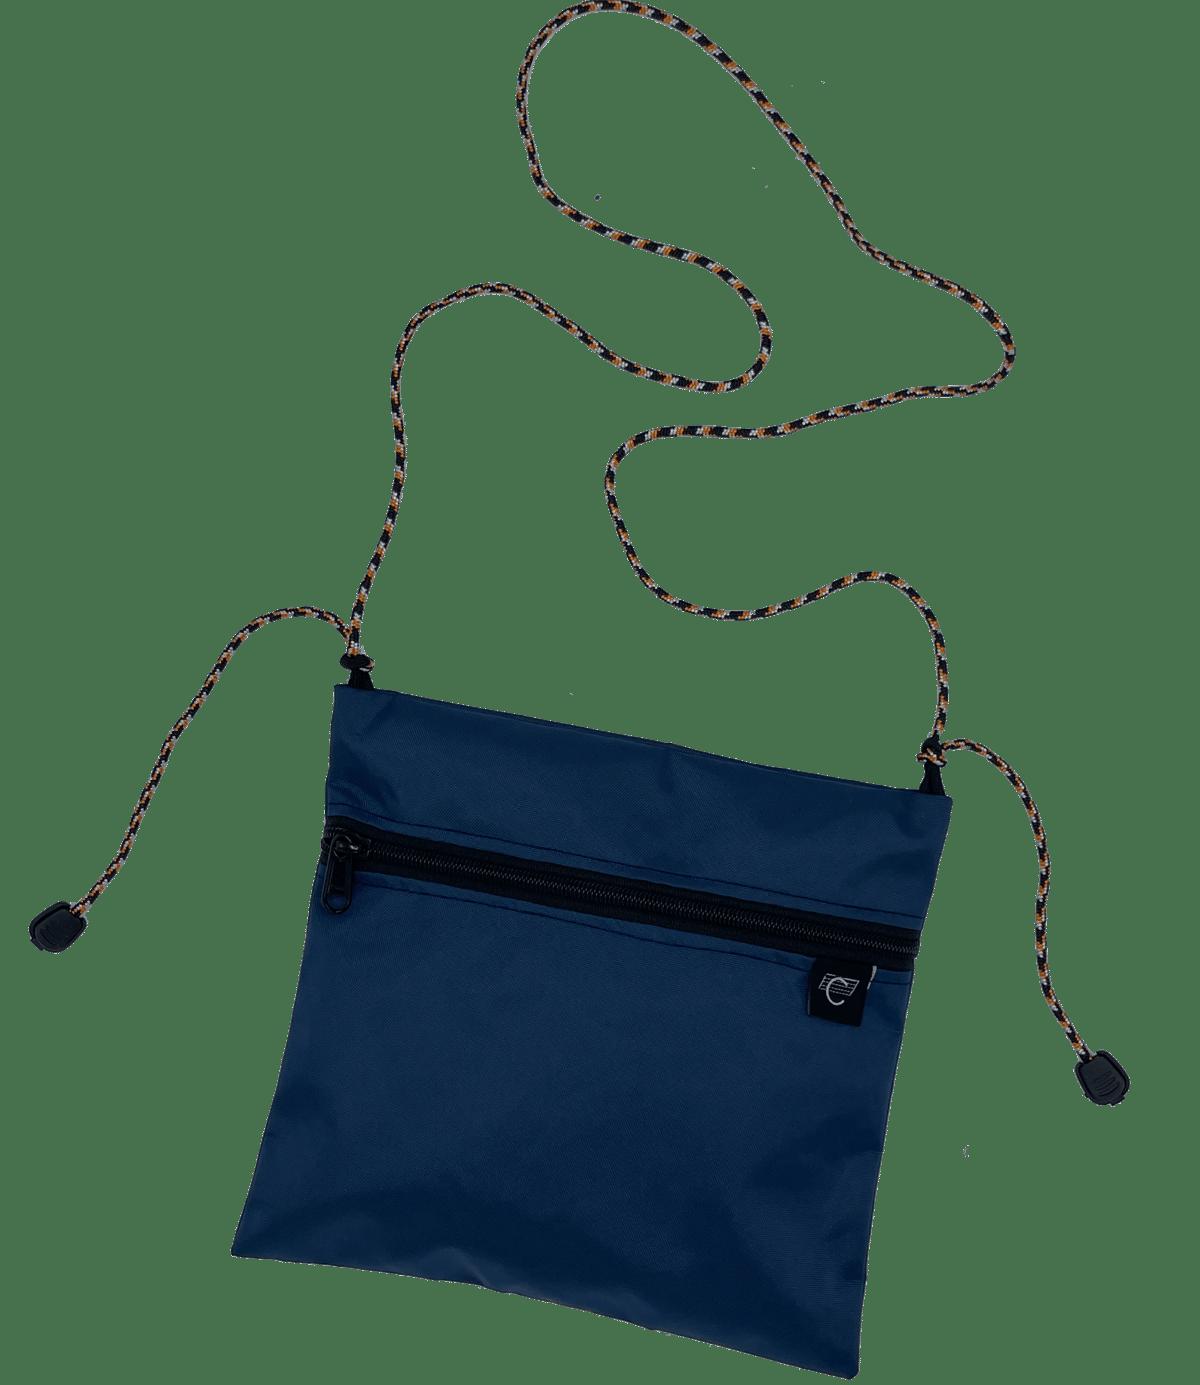 Image of Blue kit bag